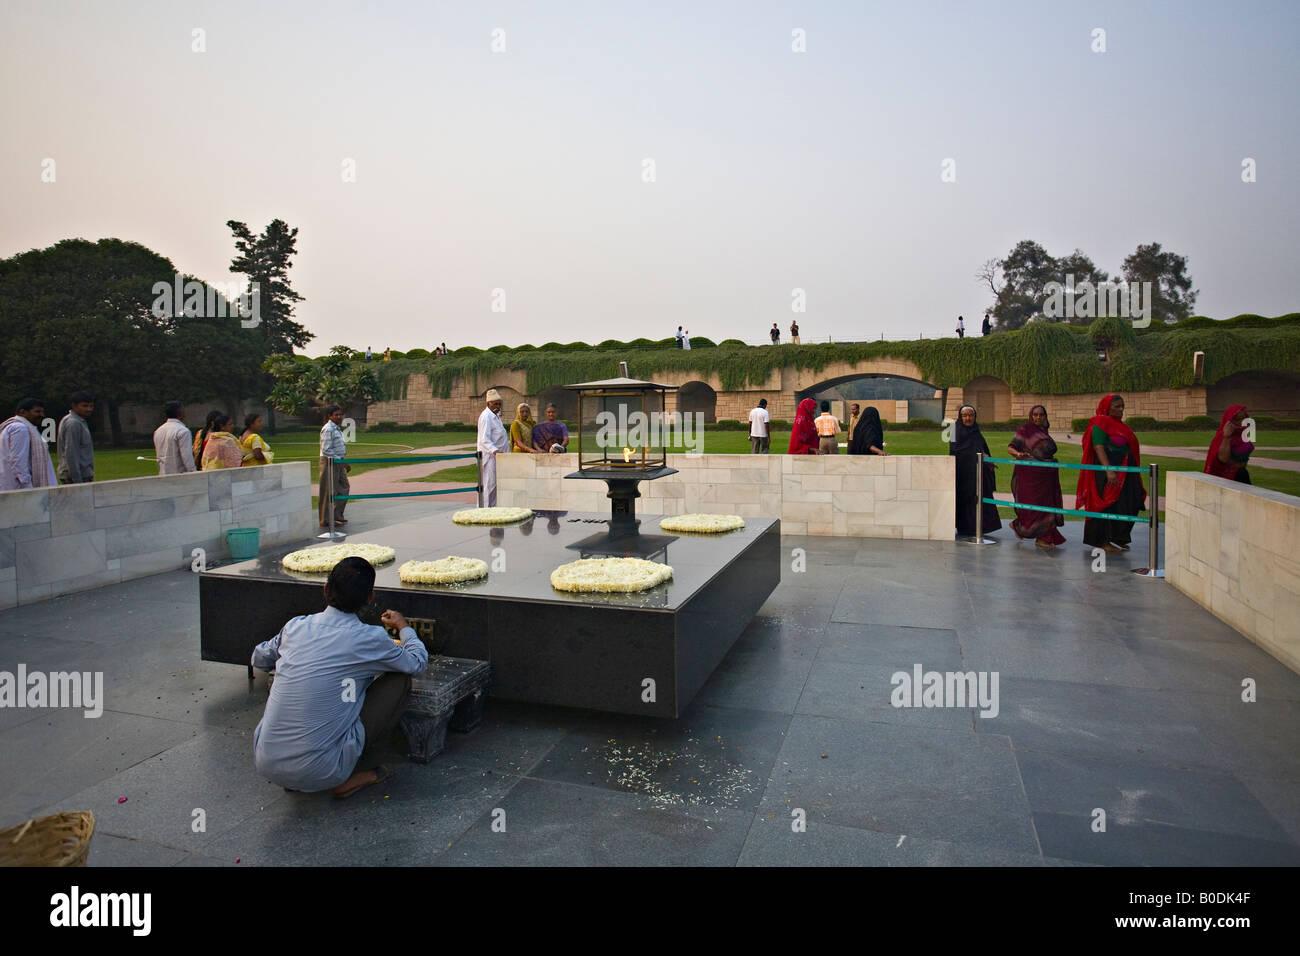 Raj ghat a memorial to Mahatma Gandhi, Delhi, India - Stock Image